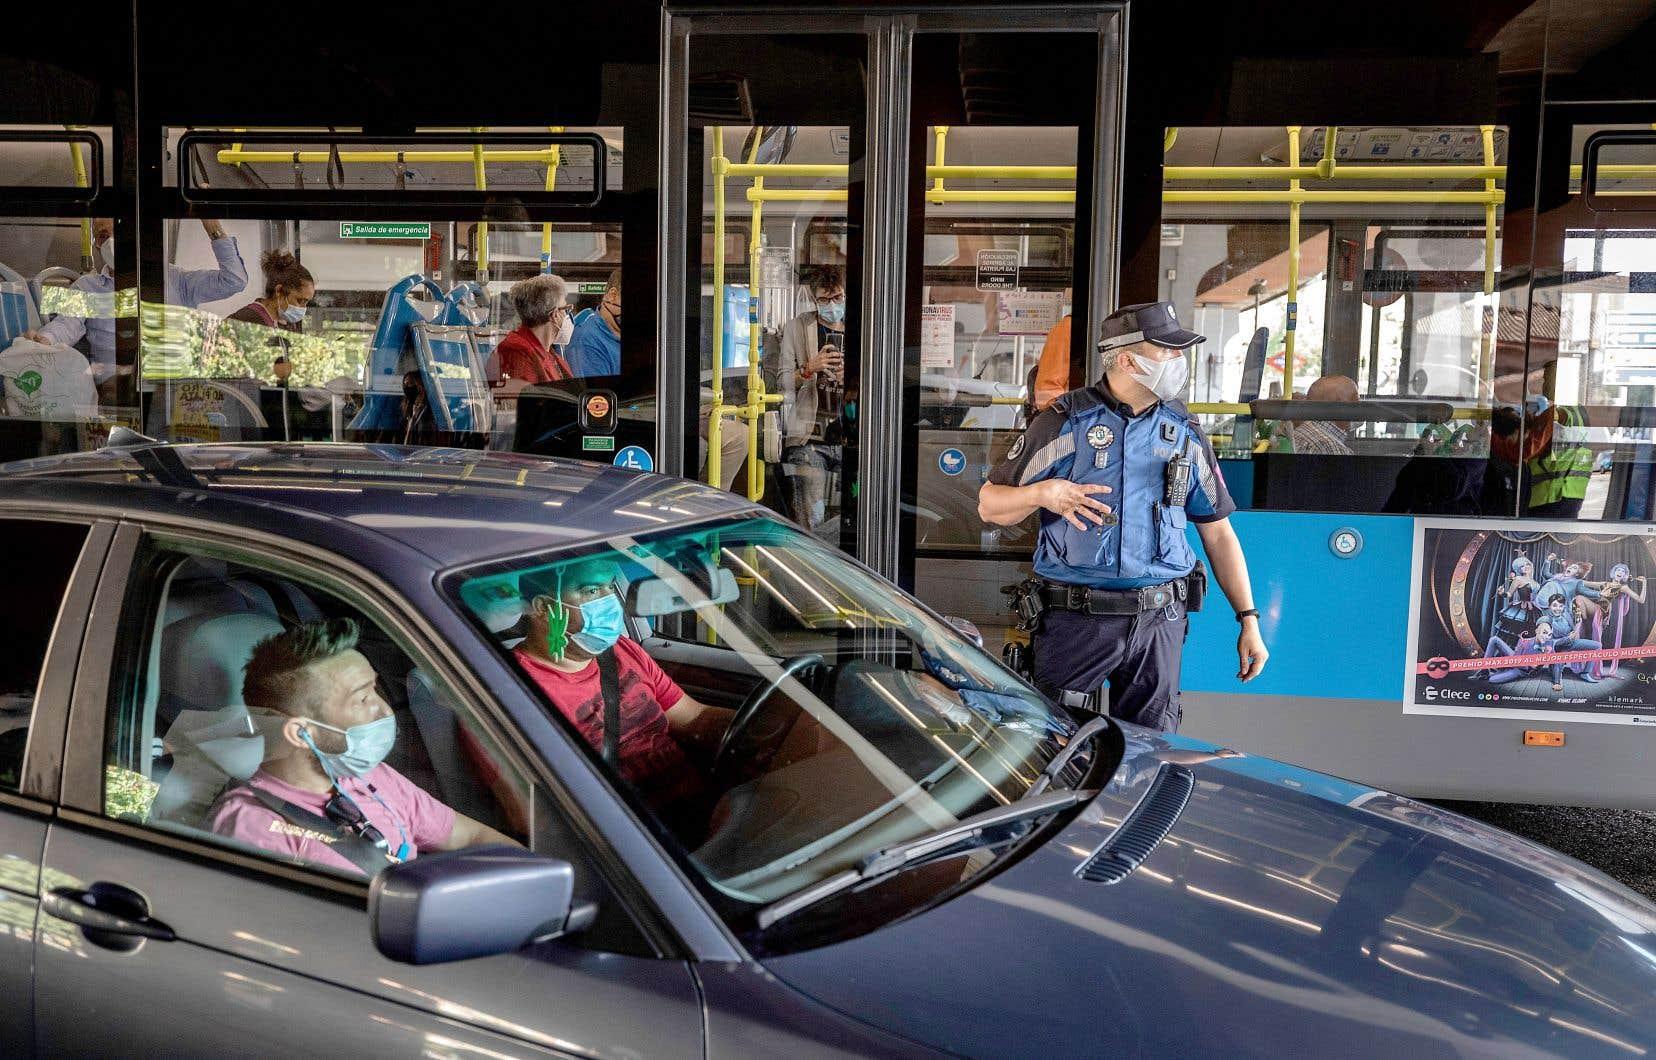 La police de Madrid a placé plusieurs points de contrôle routiers. Plus de 850000 habitants de la ville ont interdiction de quitter leur quartier, sauf pour aller travailler, étudier ou chez un médecin, répondre à une convocation légale ou s'occuper de personnes dépendantes.